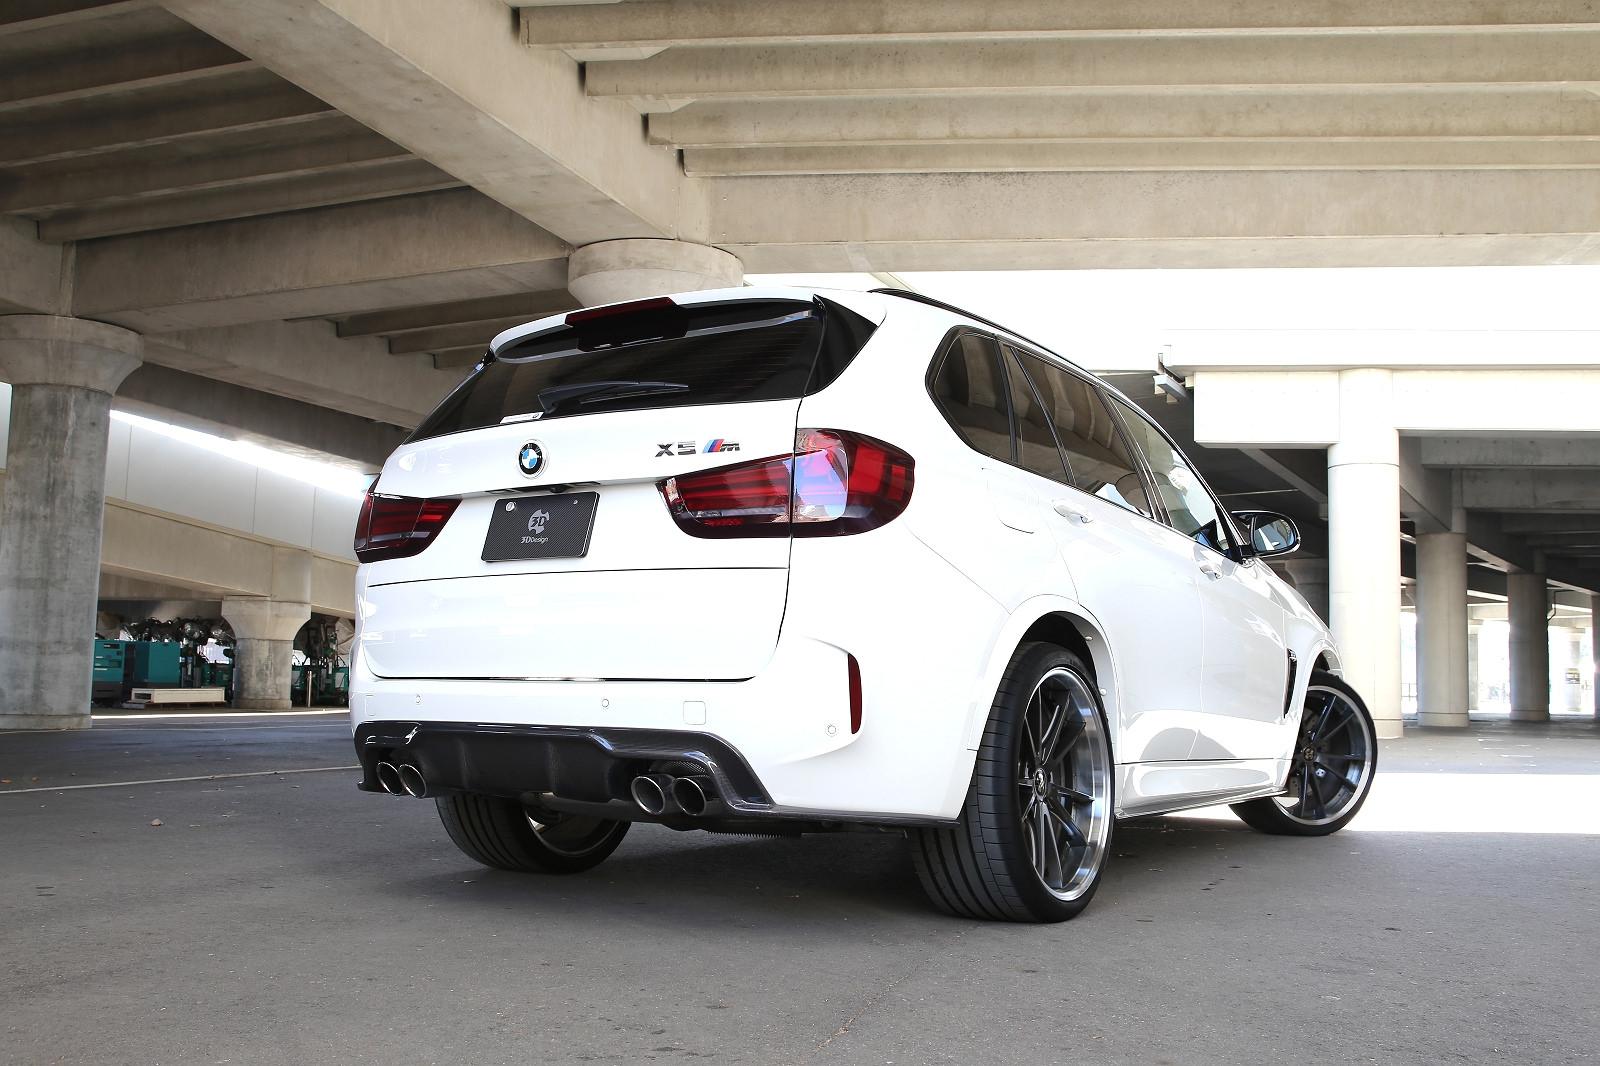 3D Designカーボンリアディフューザーデュアル4テールfor BMW F85 X5M